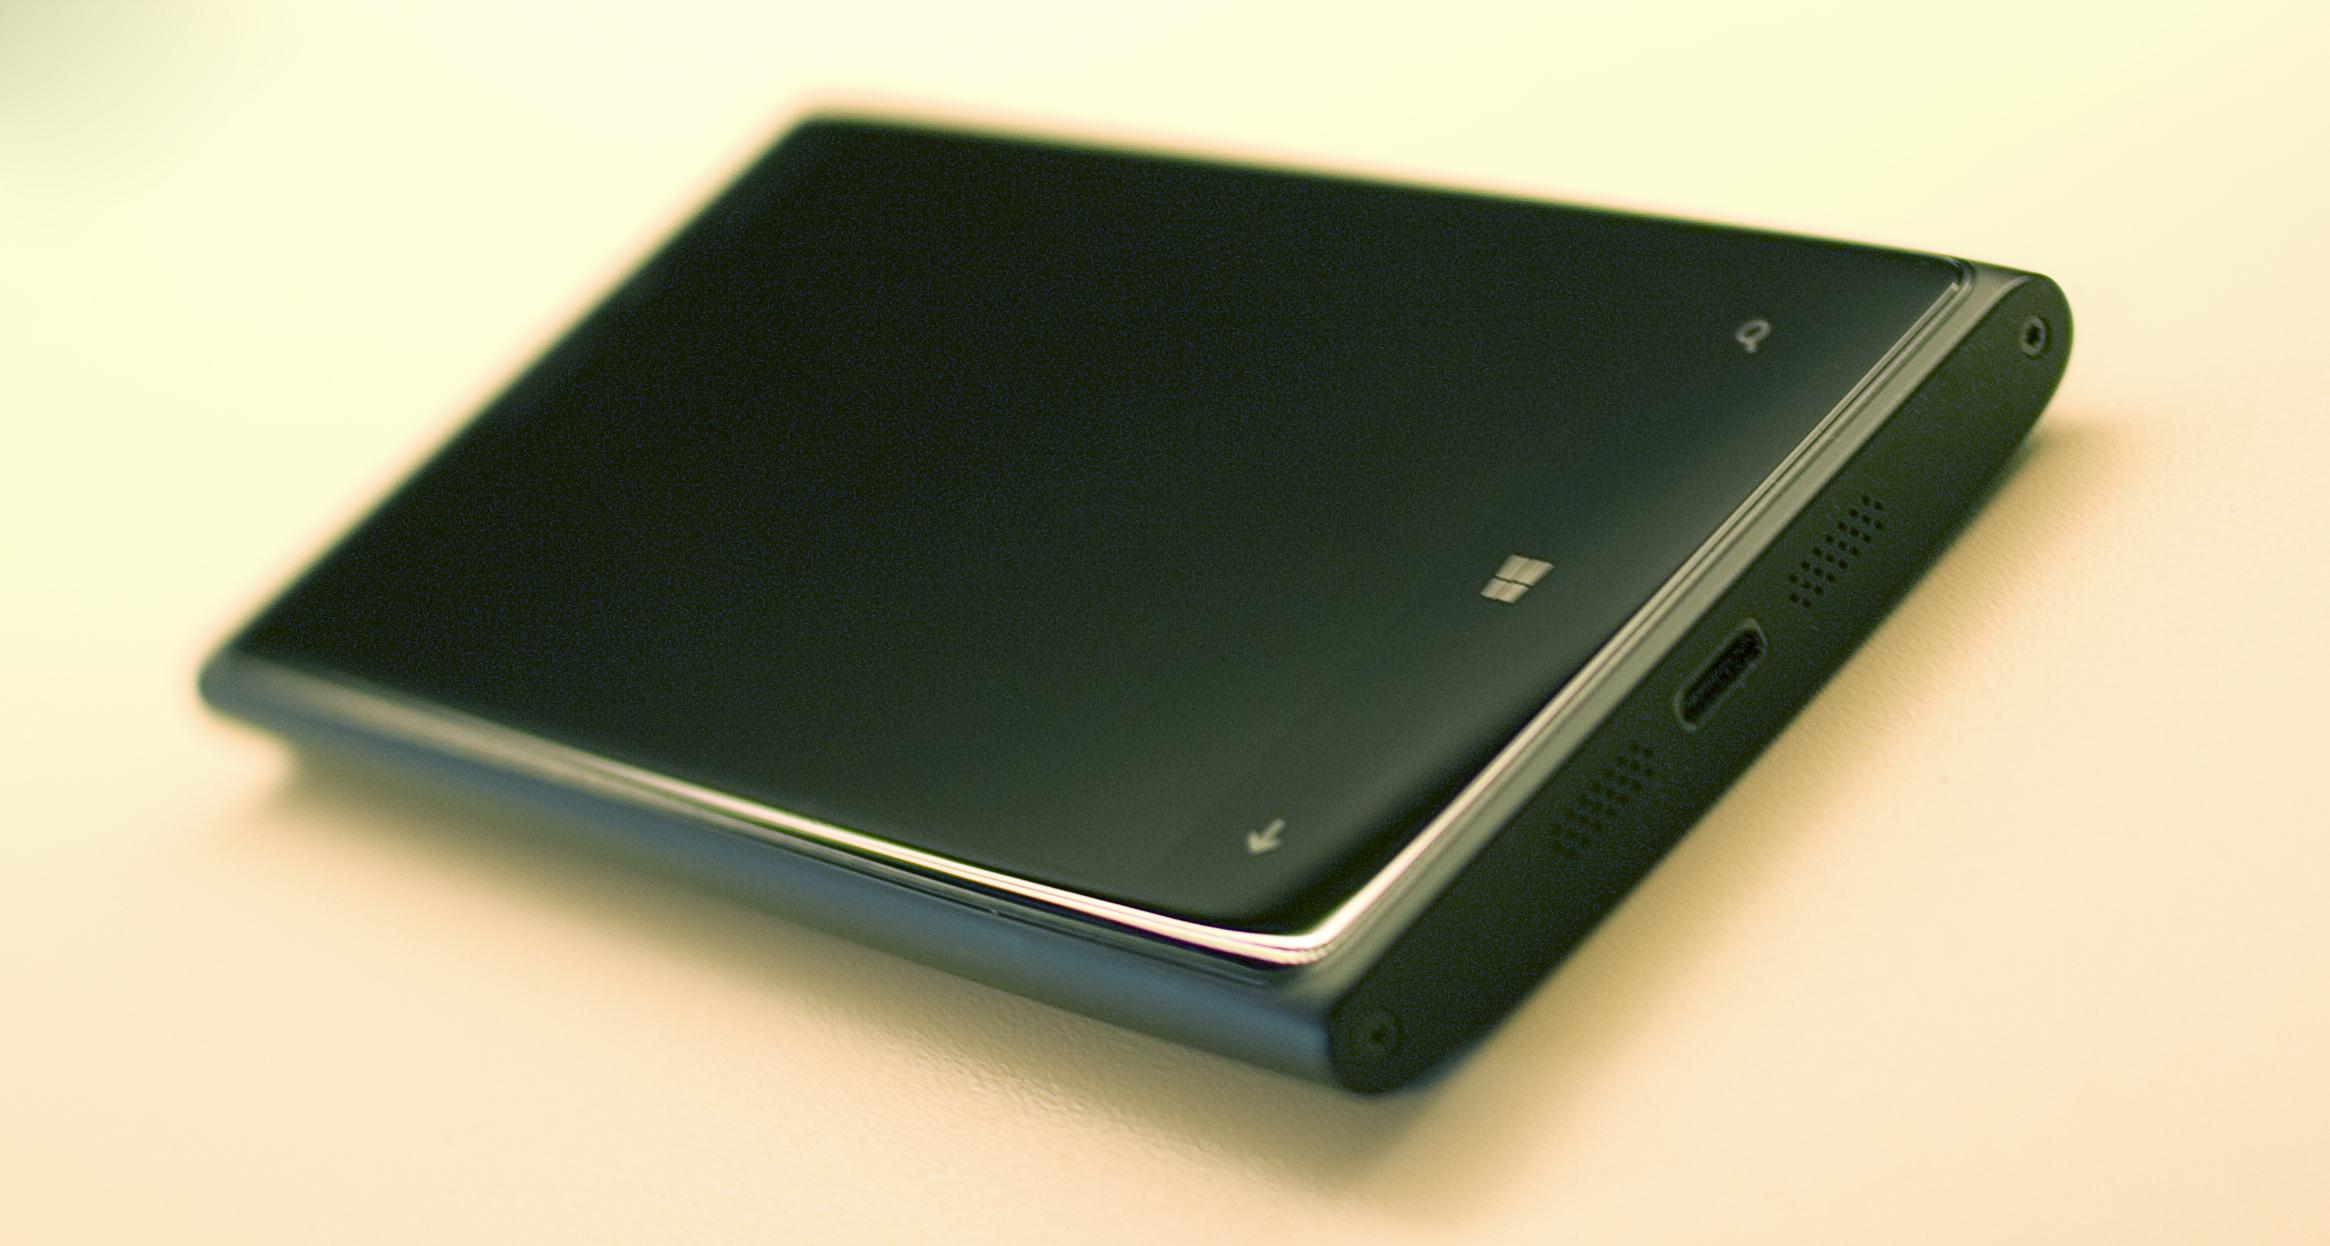 Recenzja Nokii Lumia 920. Część 2: Aparat, Porty, System